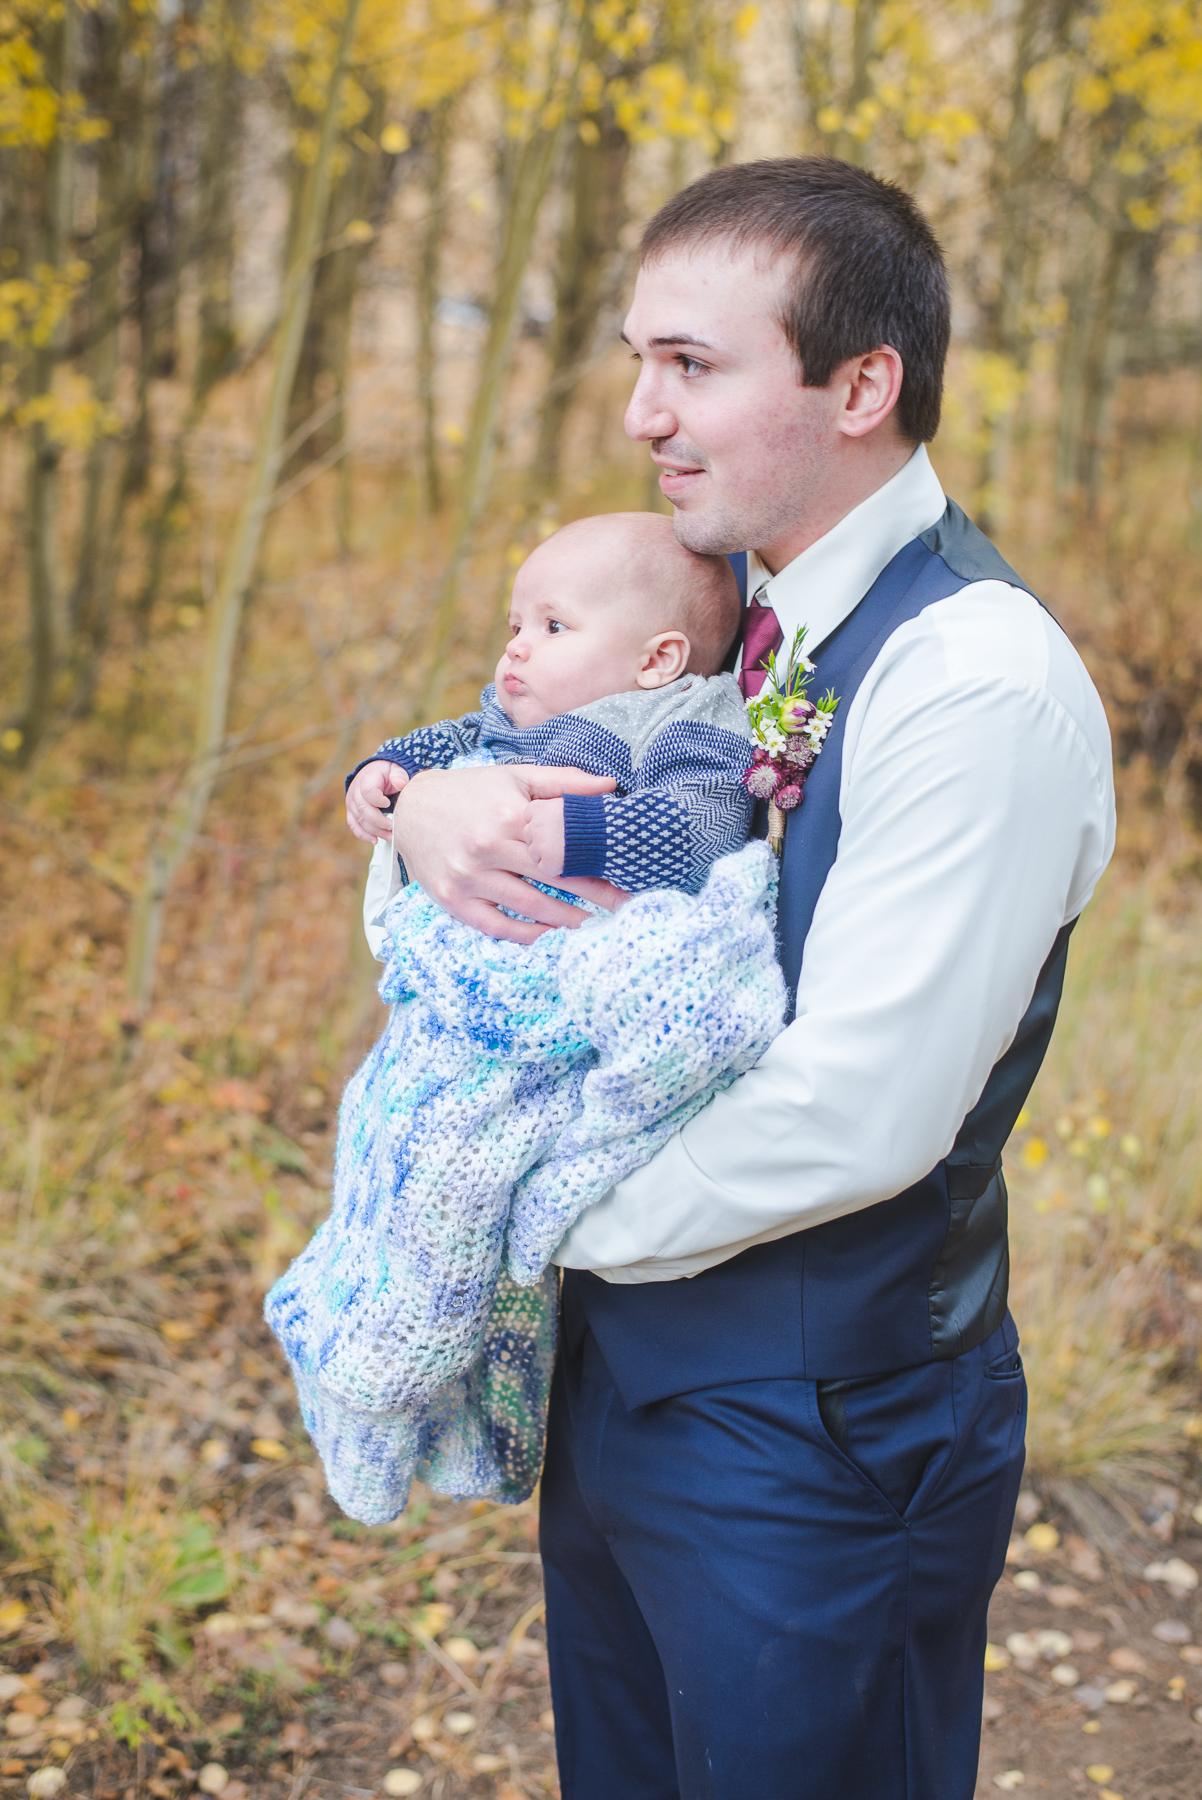 Colorado groom and young baby boy watch their bride |Autumn elopement in Breckenridge, Colorado | Summit Mountain Weddings